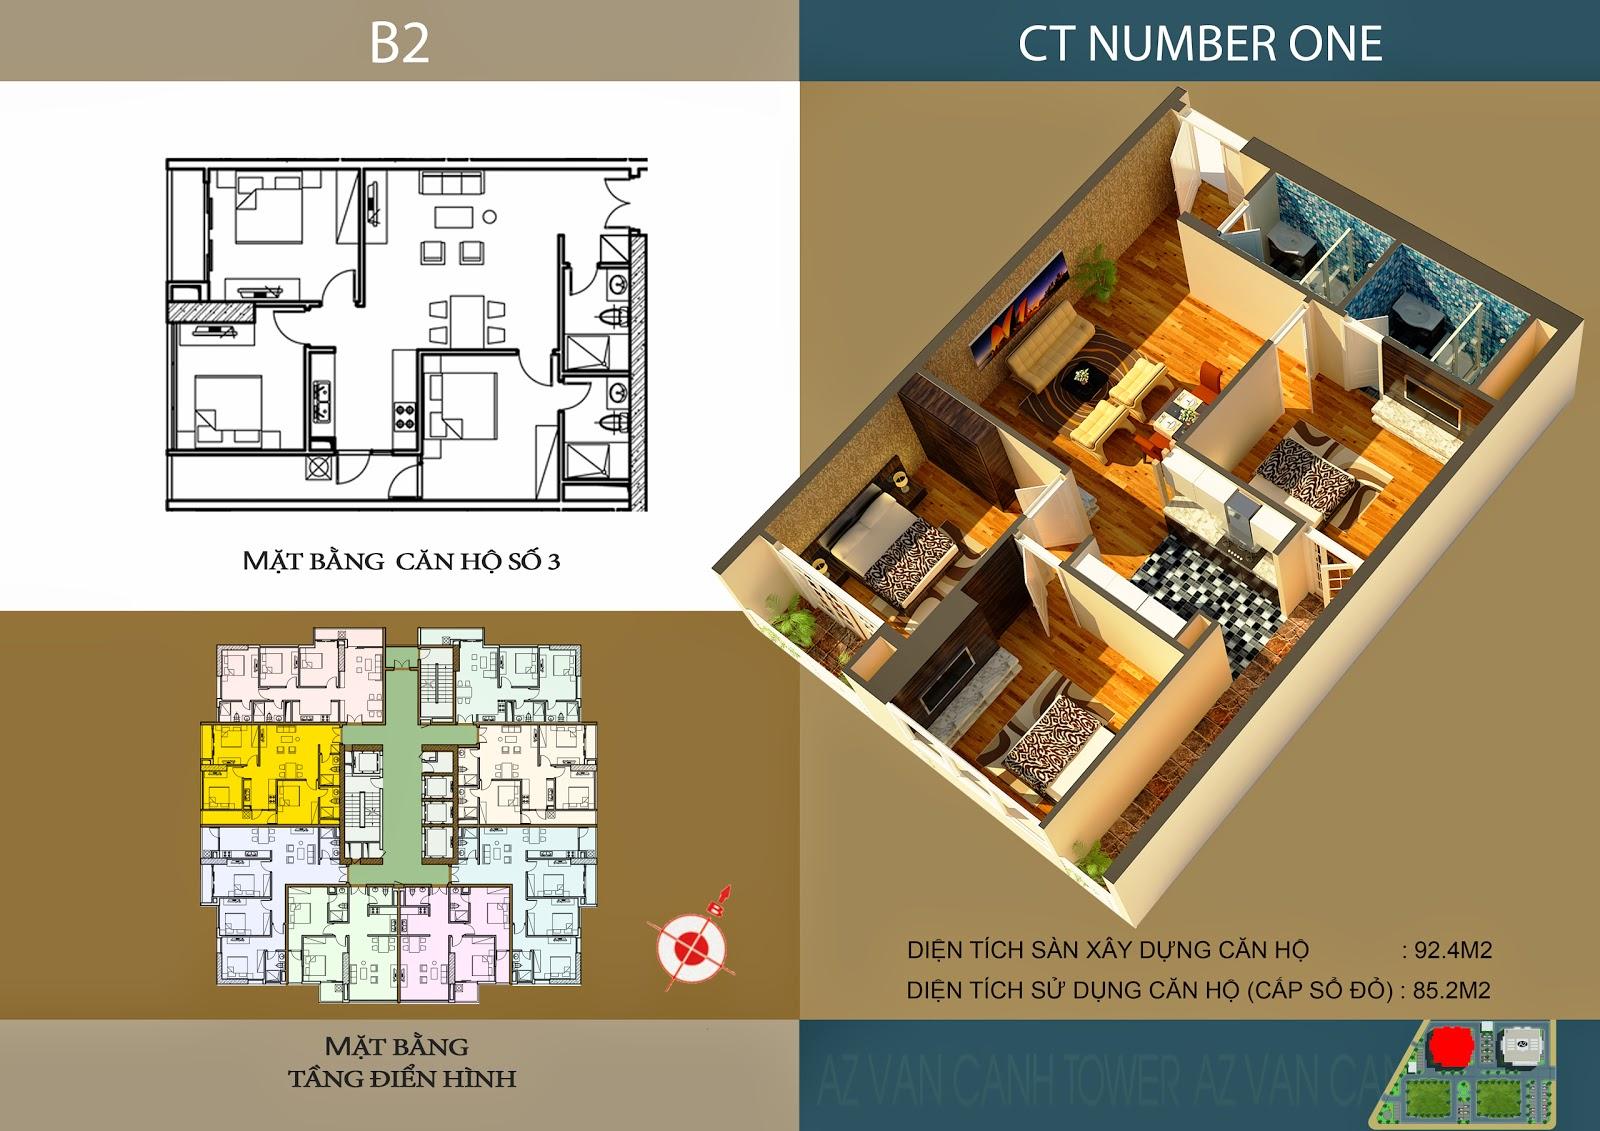 Căn số 3 - Diện tích 92.4m2 tại tòa B2 Chung cư CT Number One